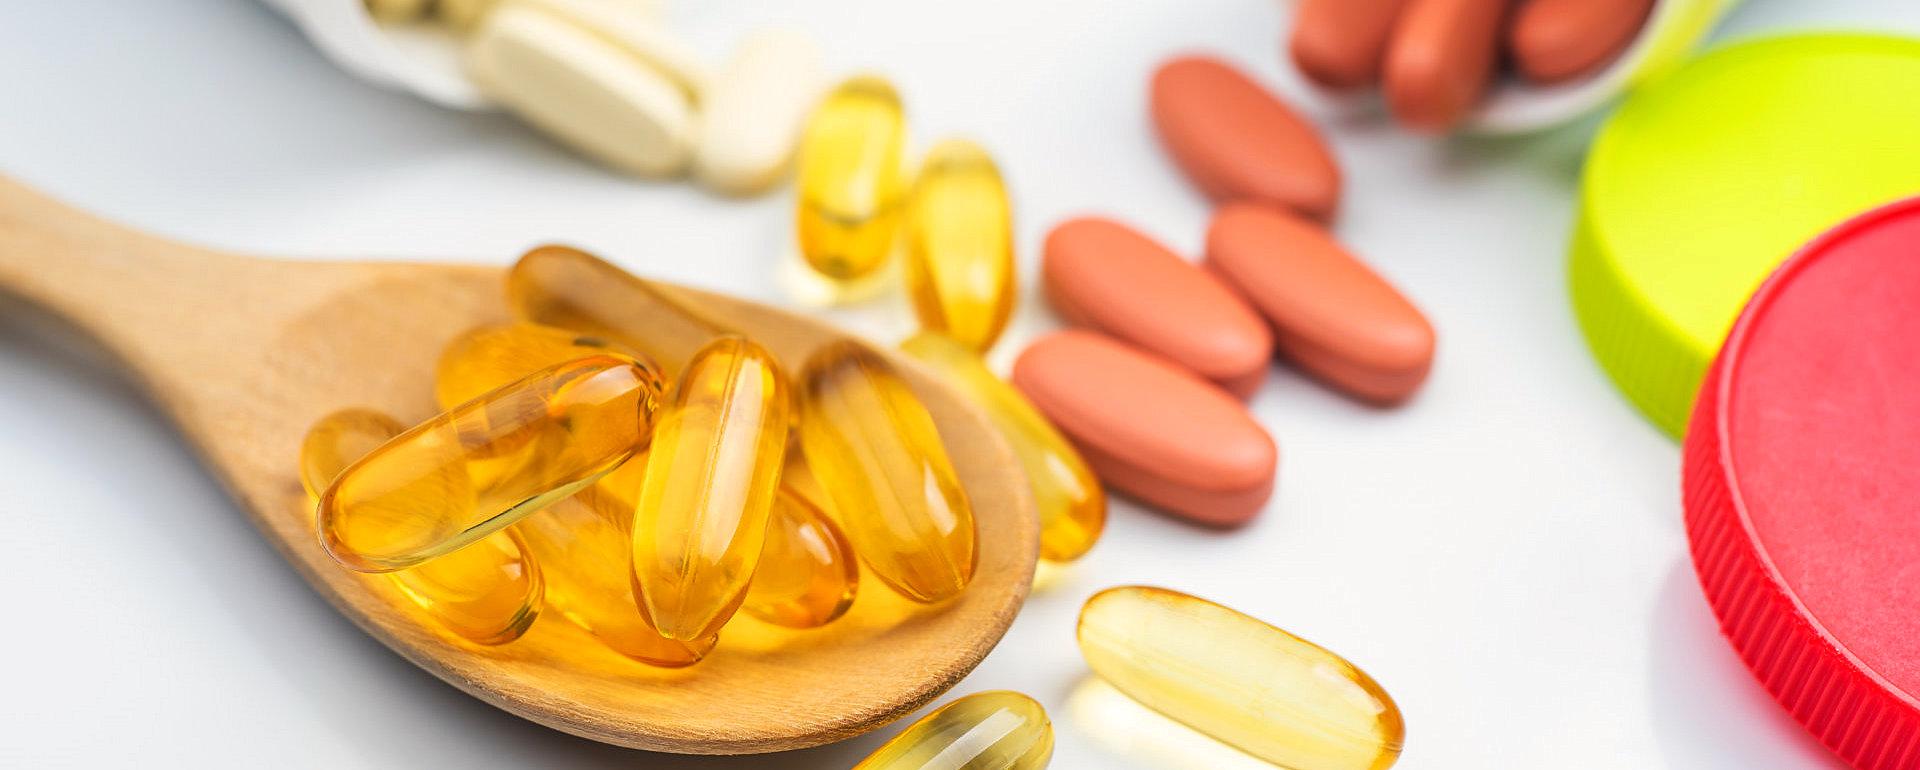 image of capsules